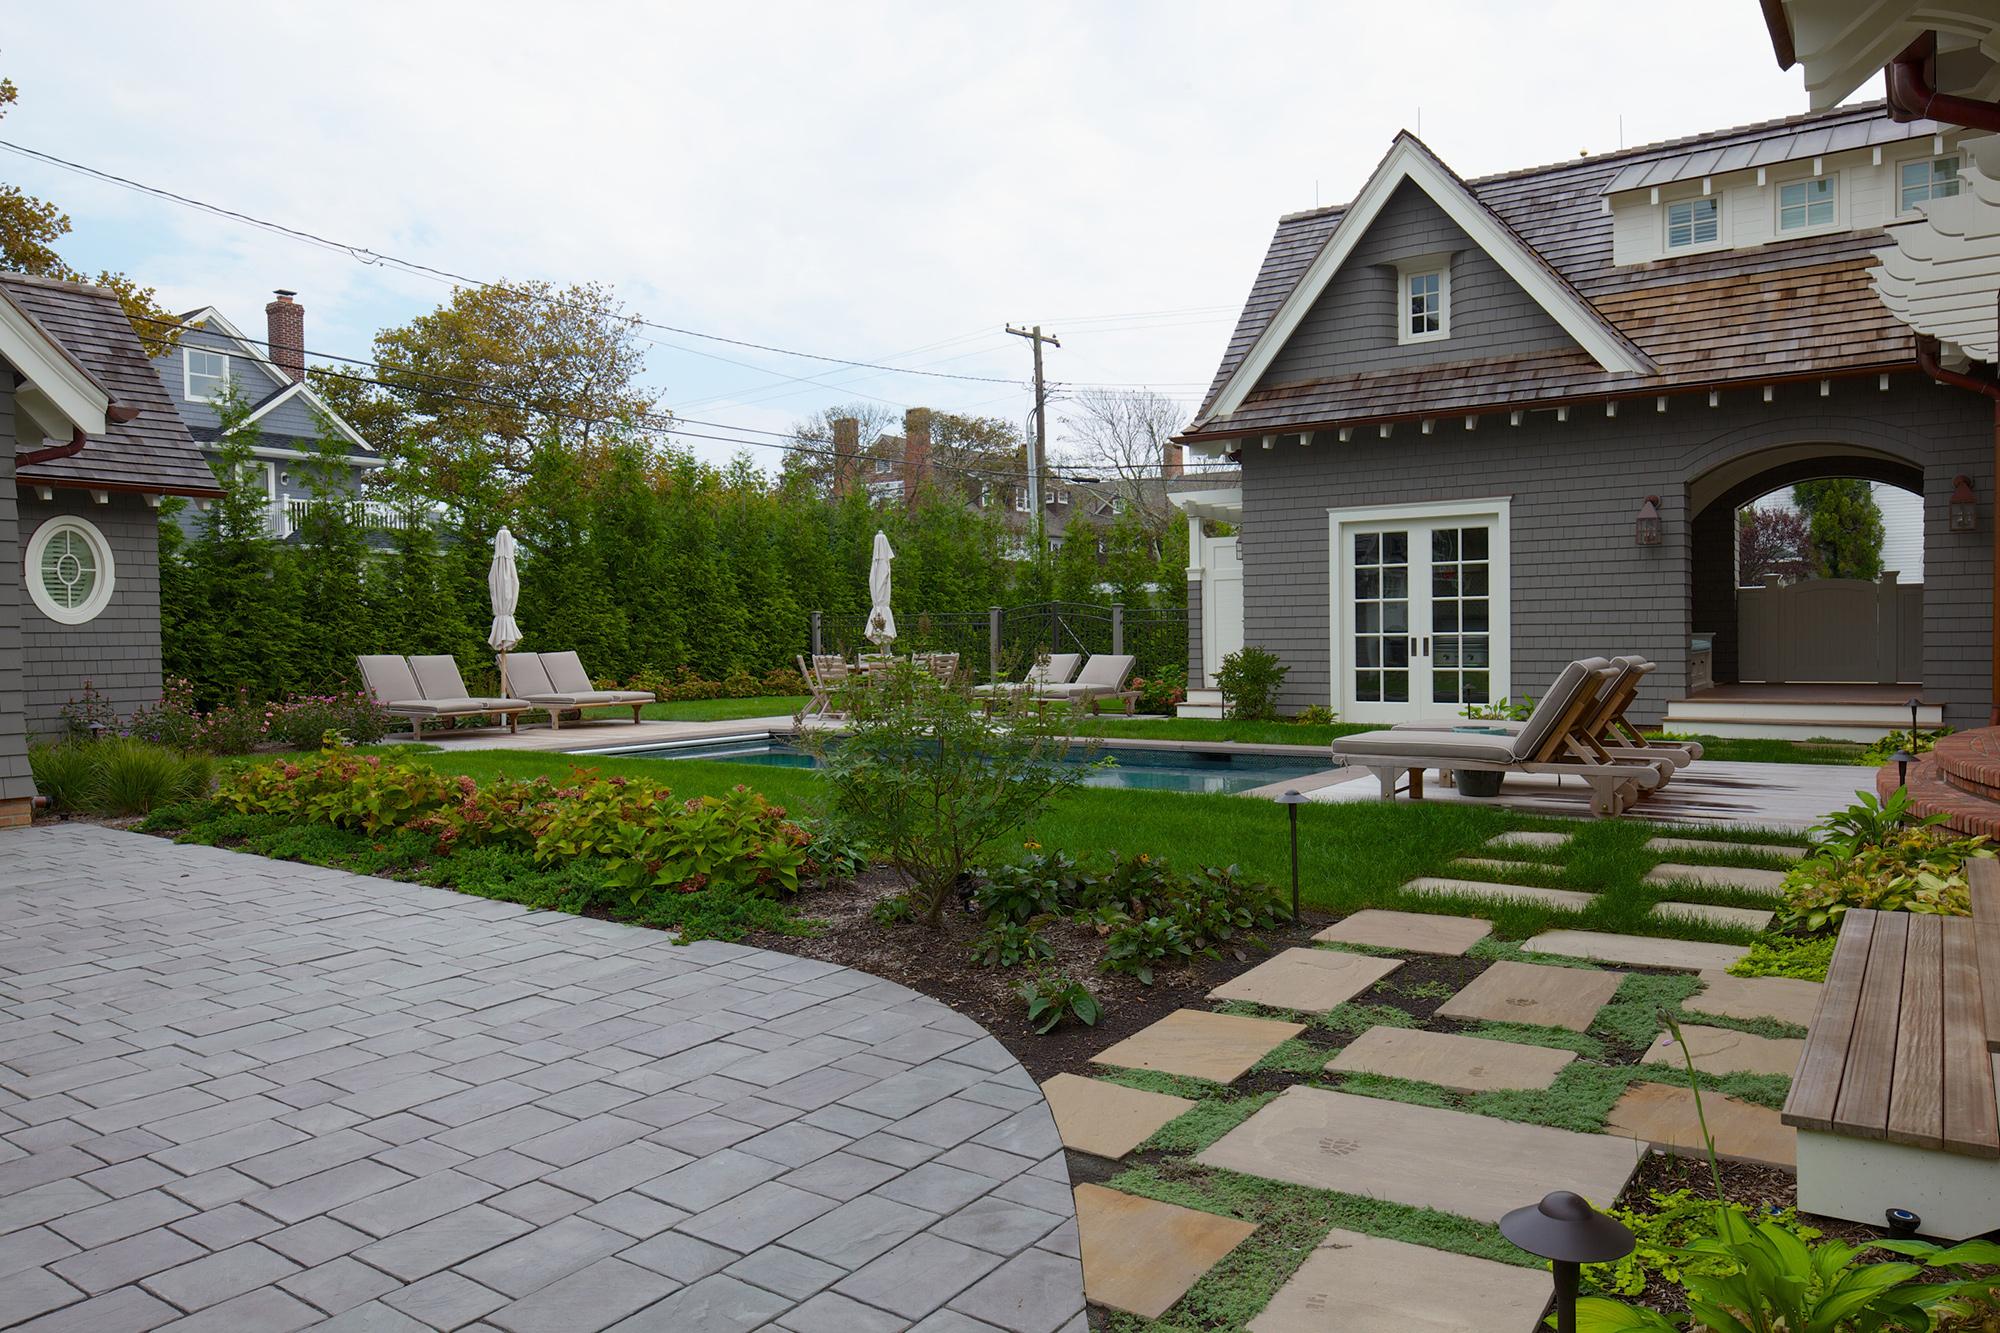 Shoretown Paradise - Jersey Shore Landscape Design